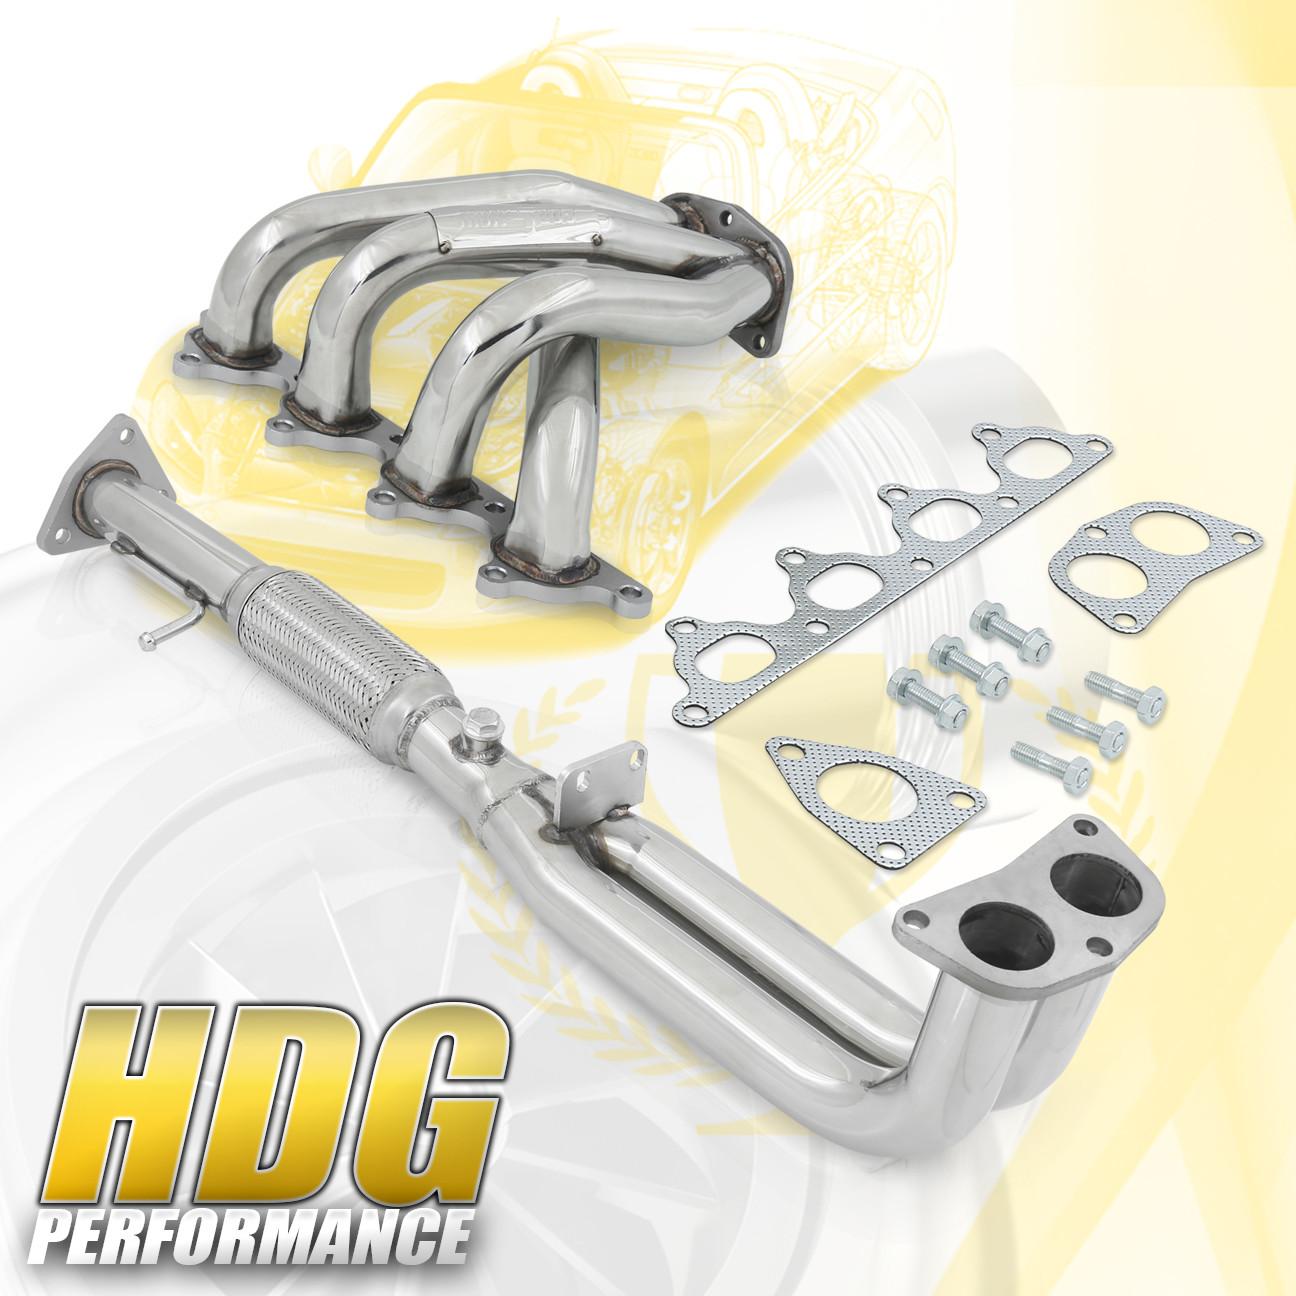 For 1996-2005 Chevrolet Blazer Thermostat Gates 45652SG 2000 2002 1997 2003 1999